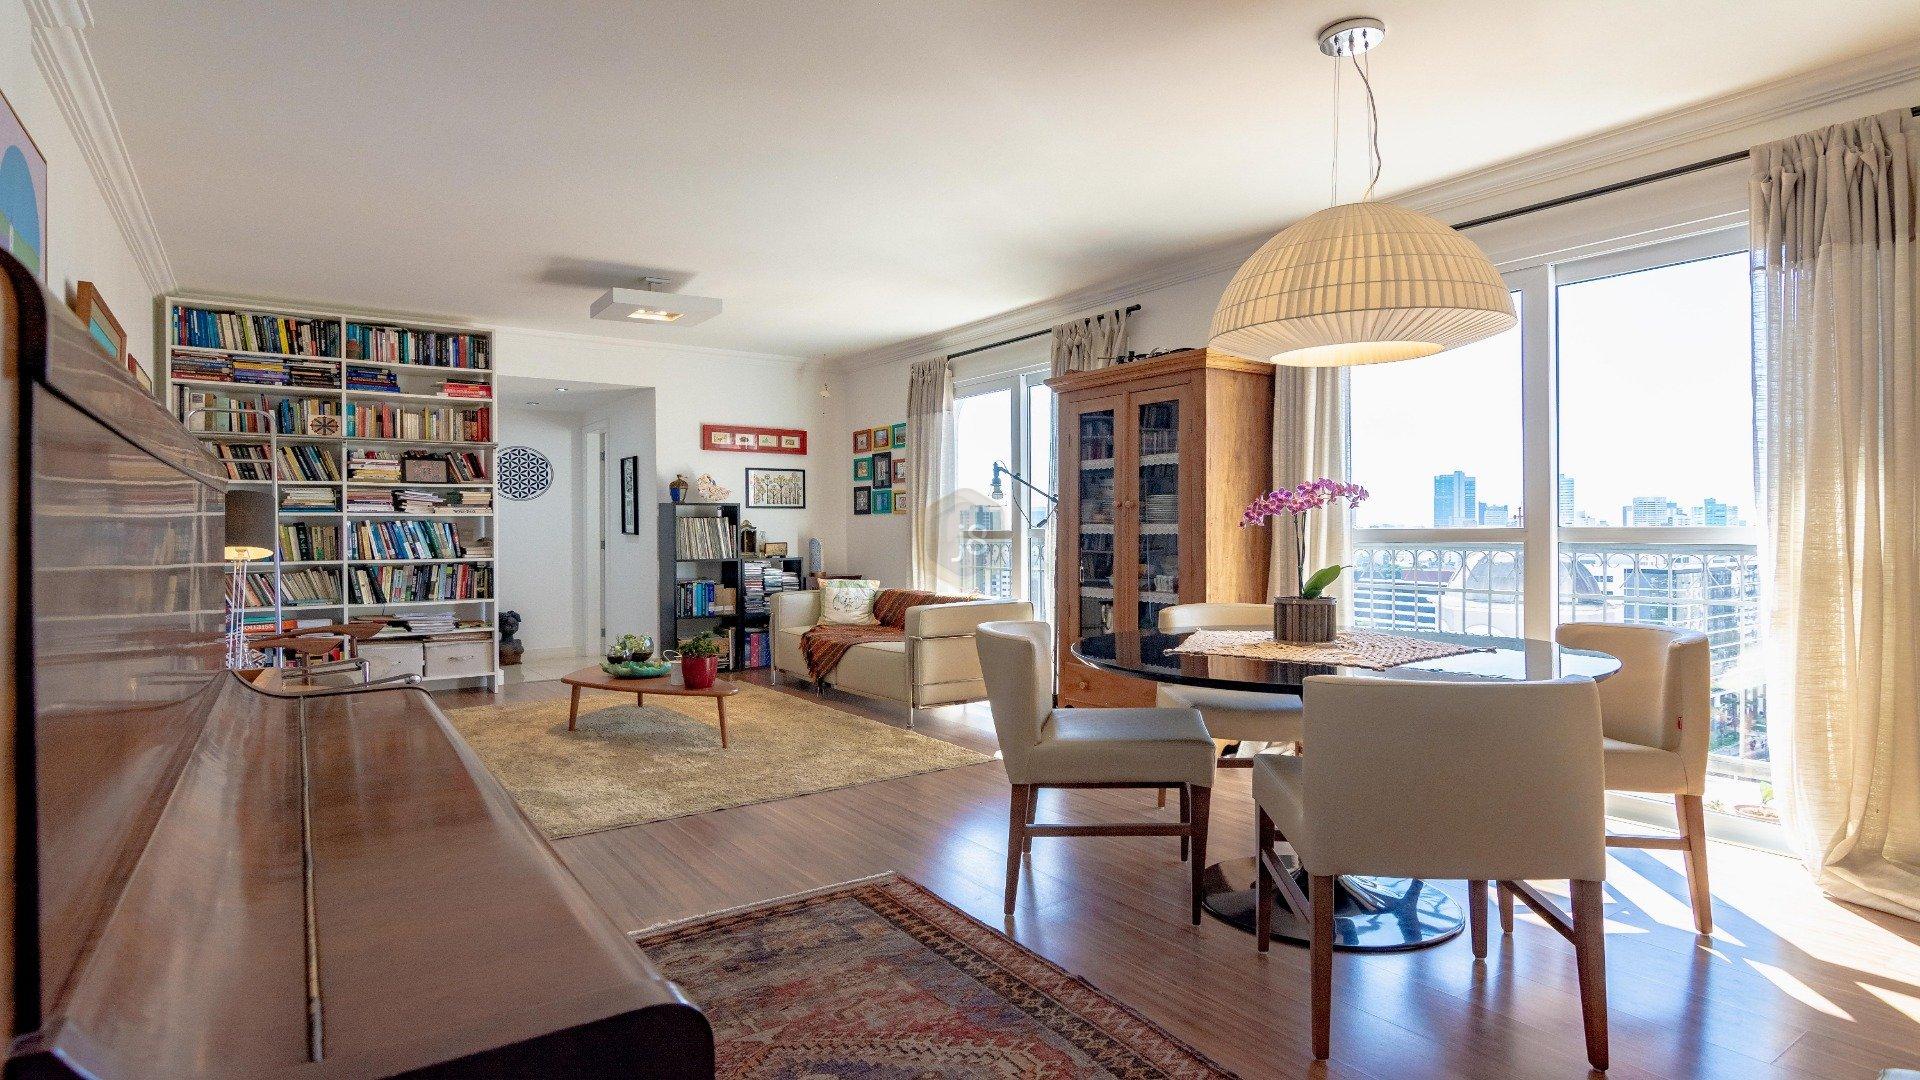 Foto de destaque Apartamento todo reformado no coração do batel !